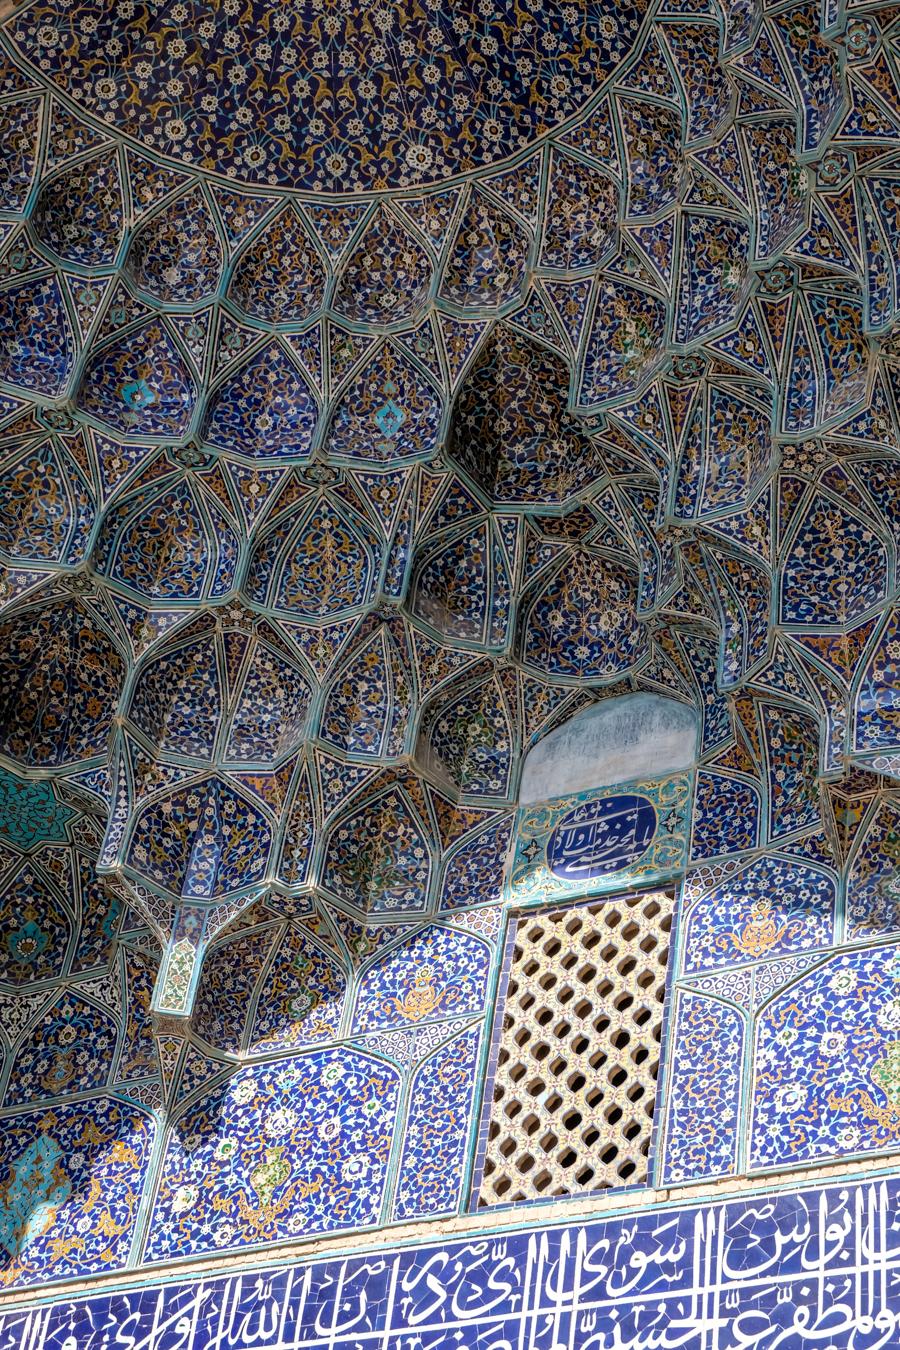 Masjed-e Cheikh Lotfollah Mosaic